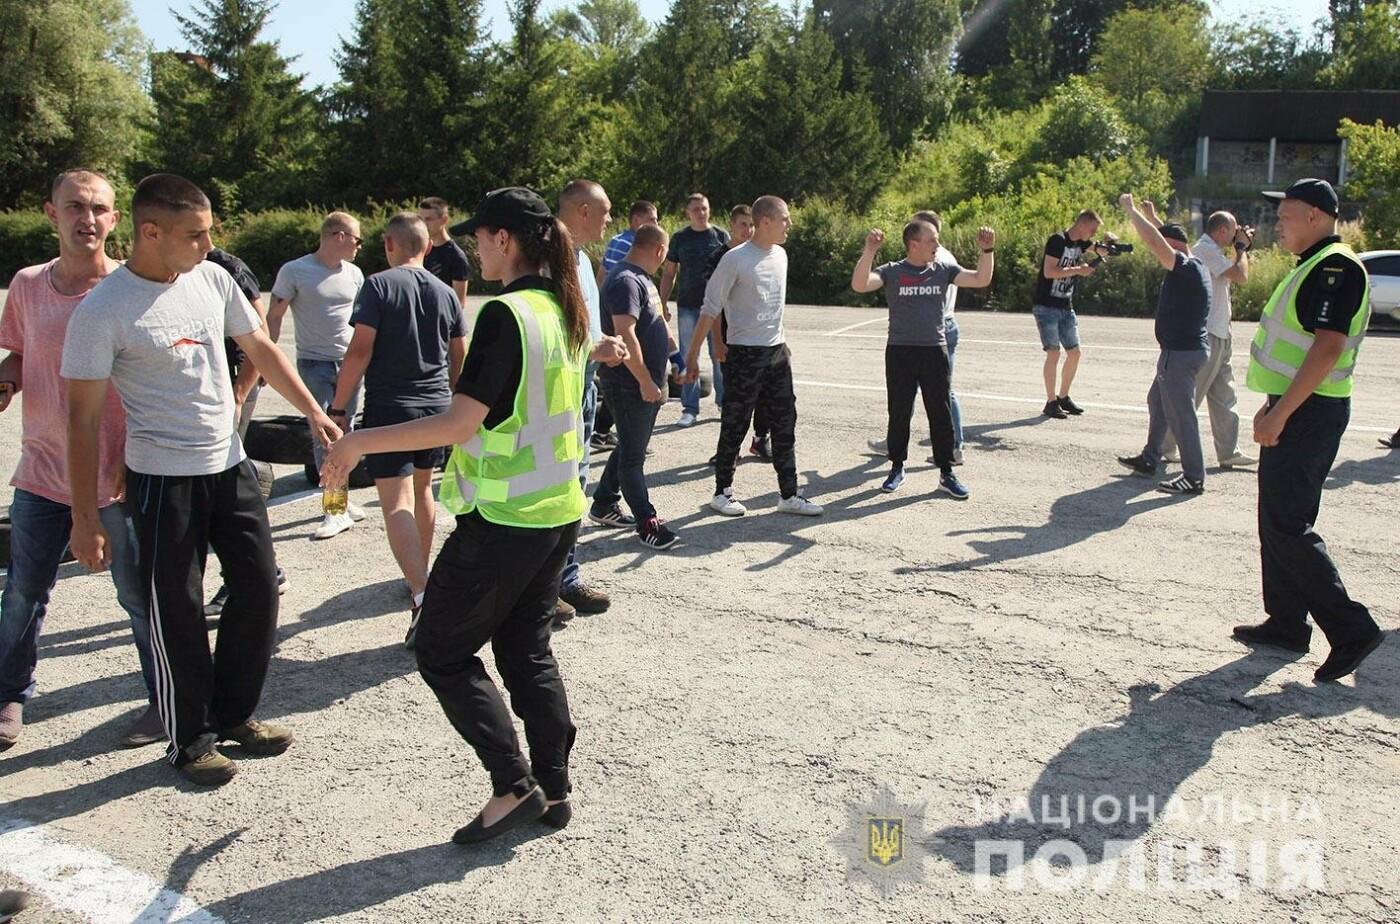 У Хмельницькому правоохоронці продовжують підготовку до забезпечення публічної безпеки і порядку під час виборів , фото-1